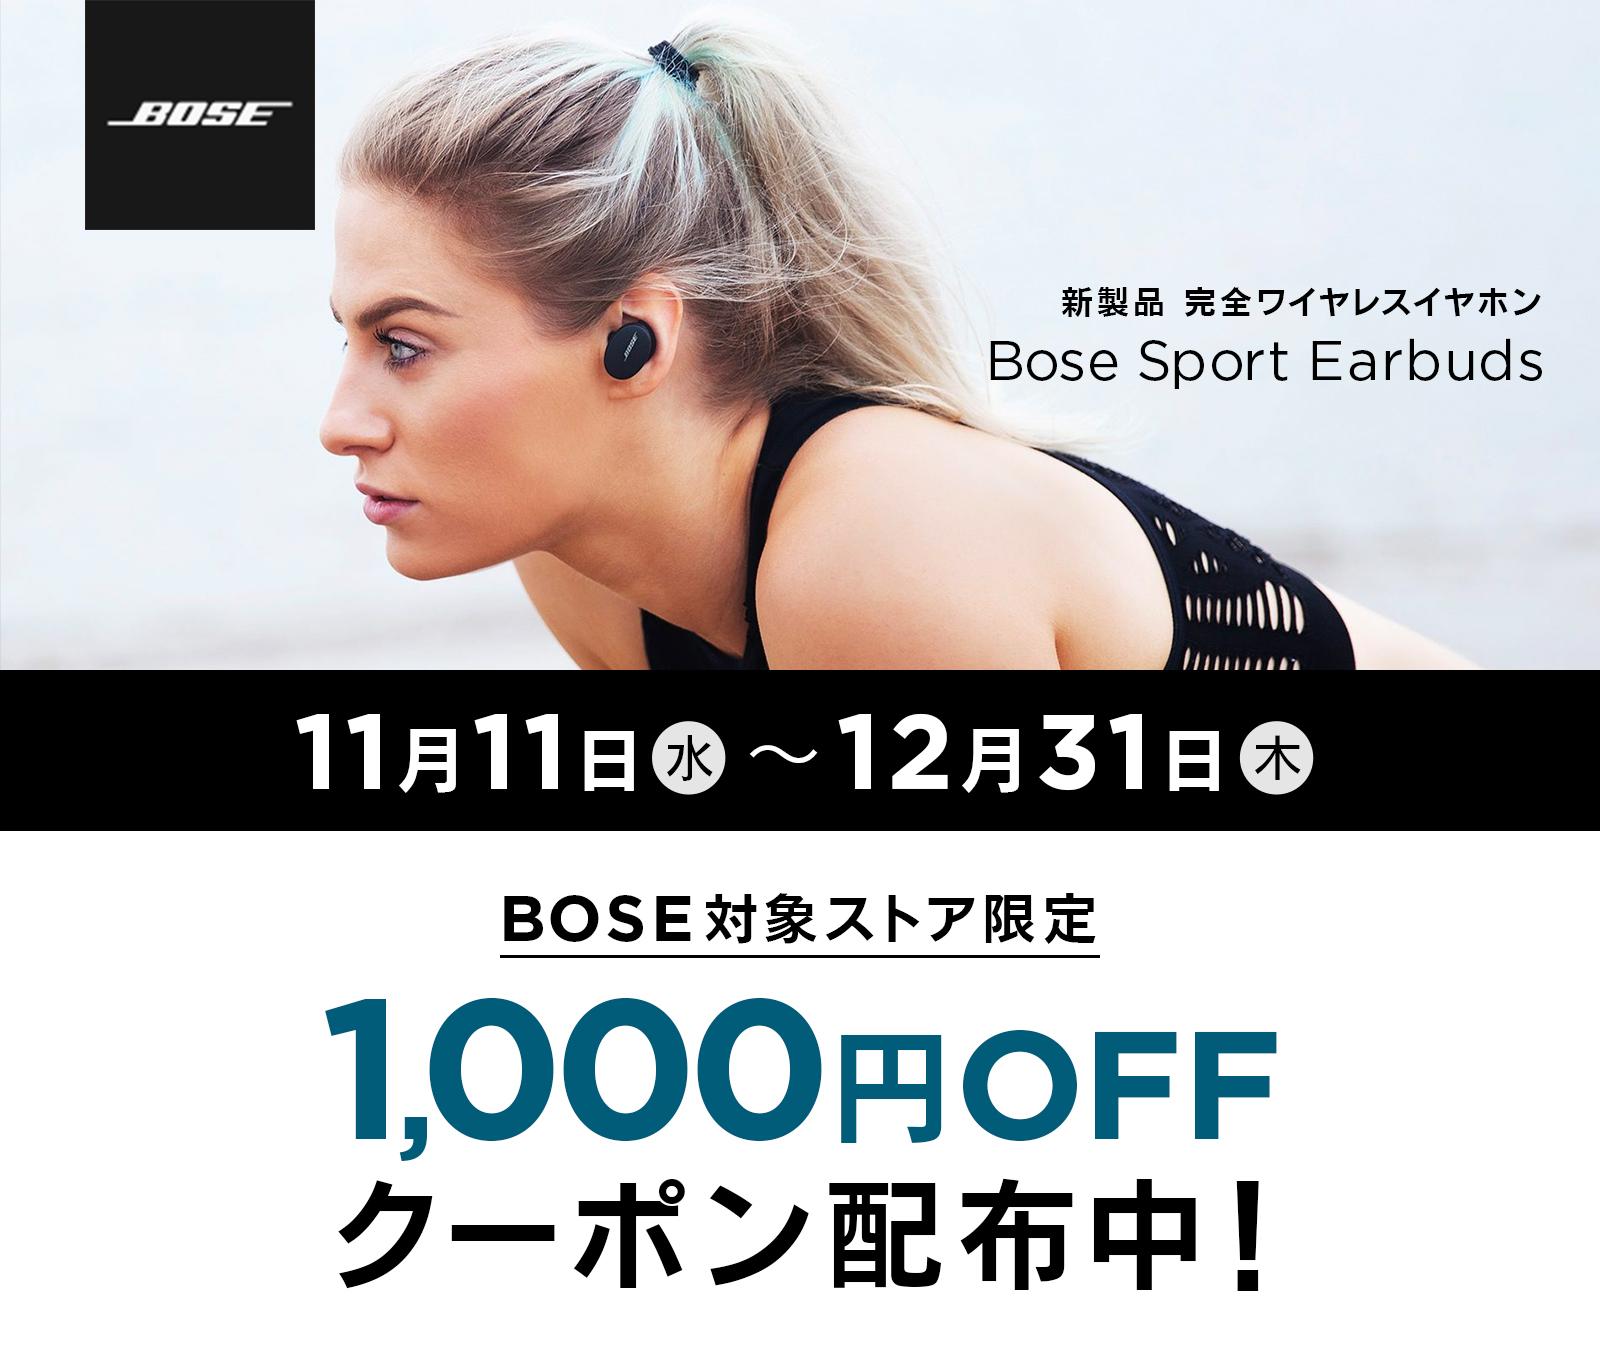 BOSE対象ストア限定 1,000円OFFクーポン配布中!